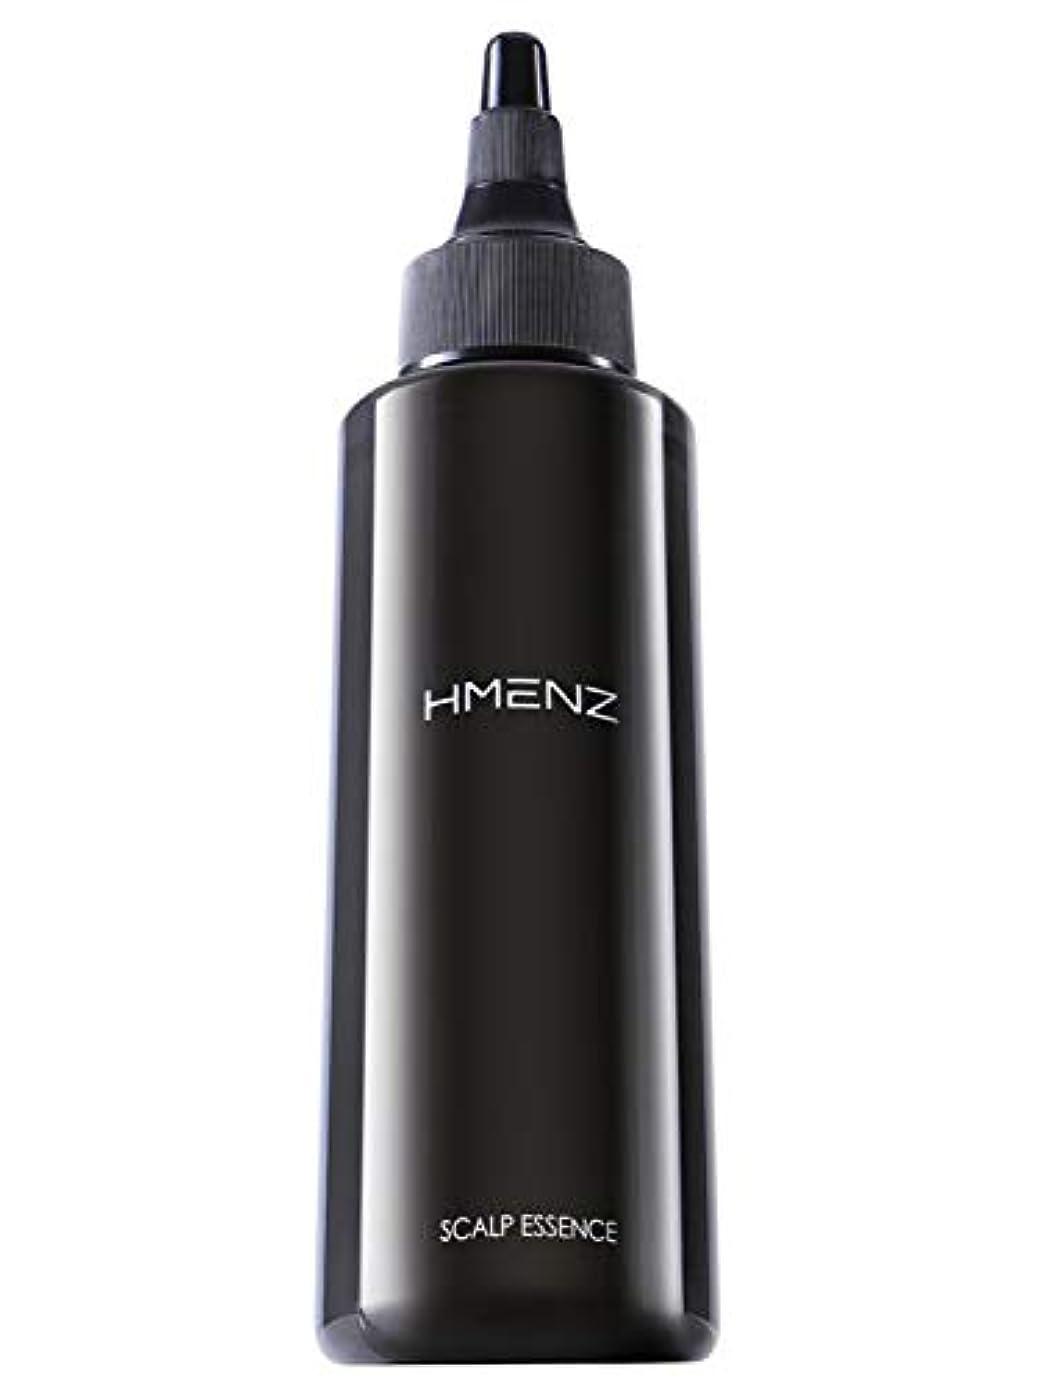 フォーマット正当なフォーカス医薬部外品 HMENZ メンズ 育毛剤 スカルプエッセンス 毛髪エイジングケアシリーズ 和漢根 海藻配合 育毛トニック 120ml